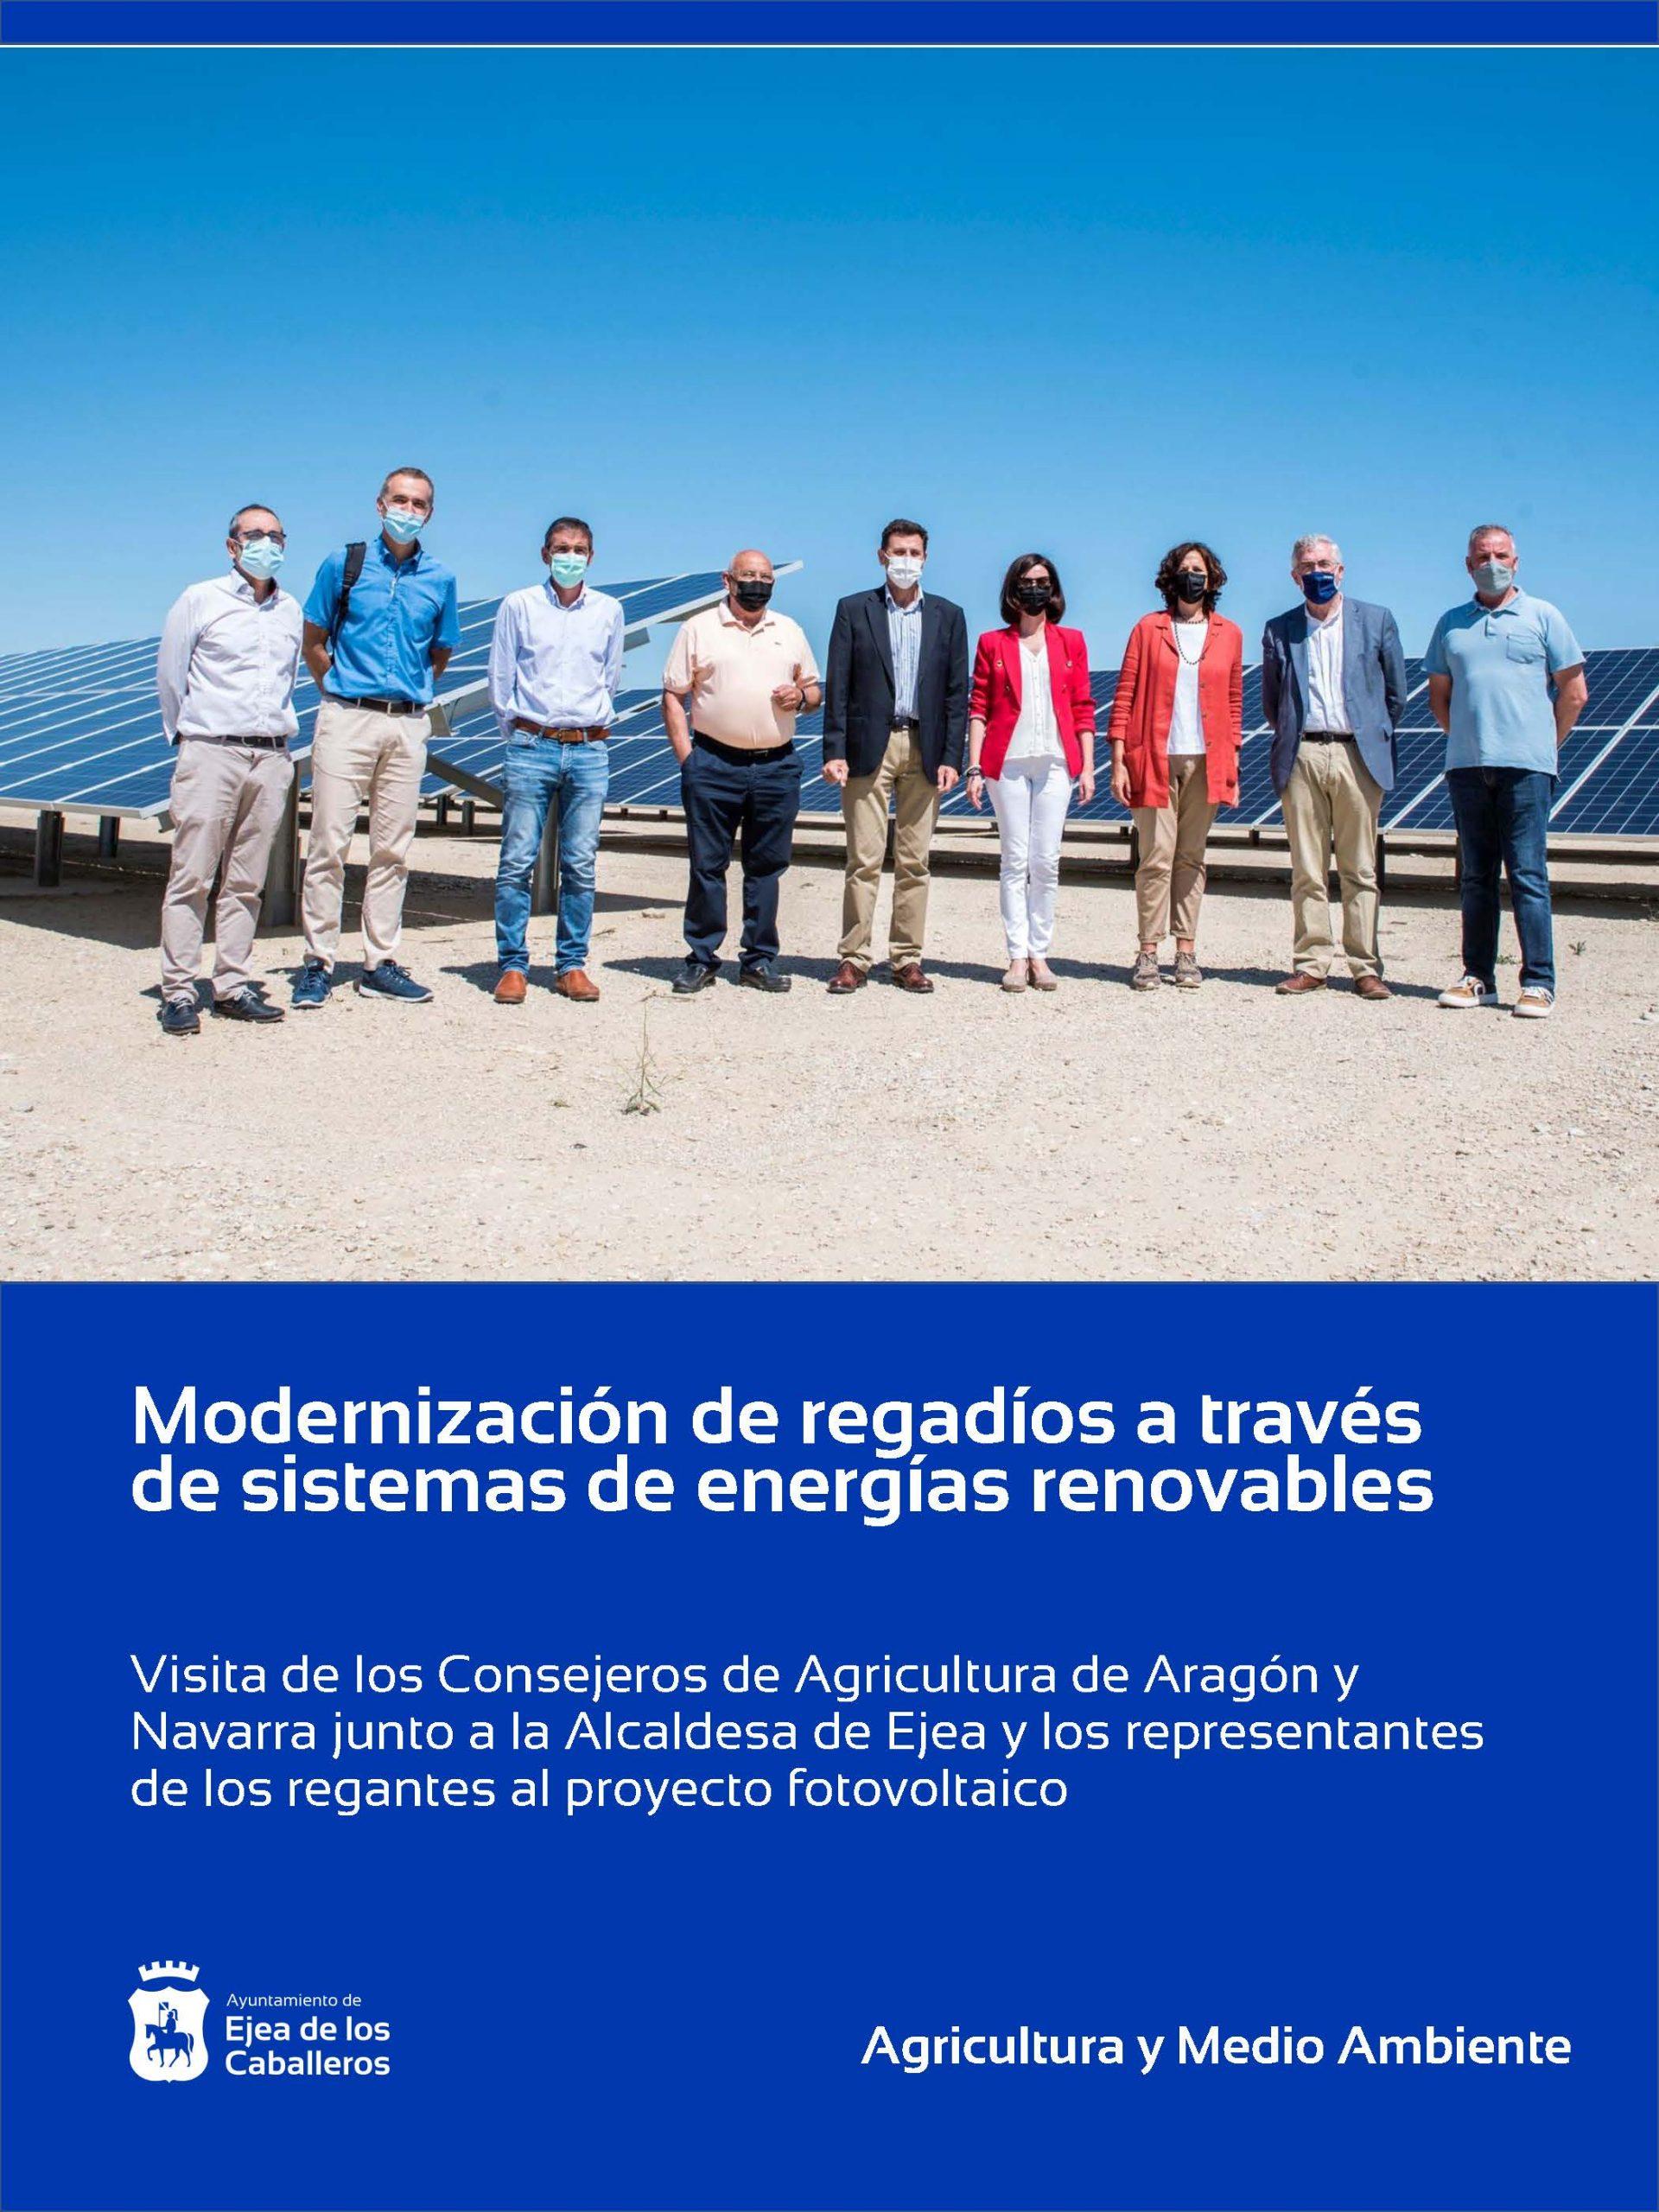 Modernización de regadíos a través de sistemas de energías renovables que permitan reducir costes